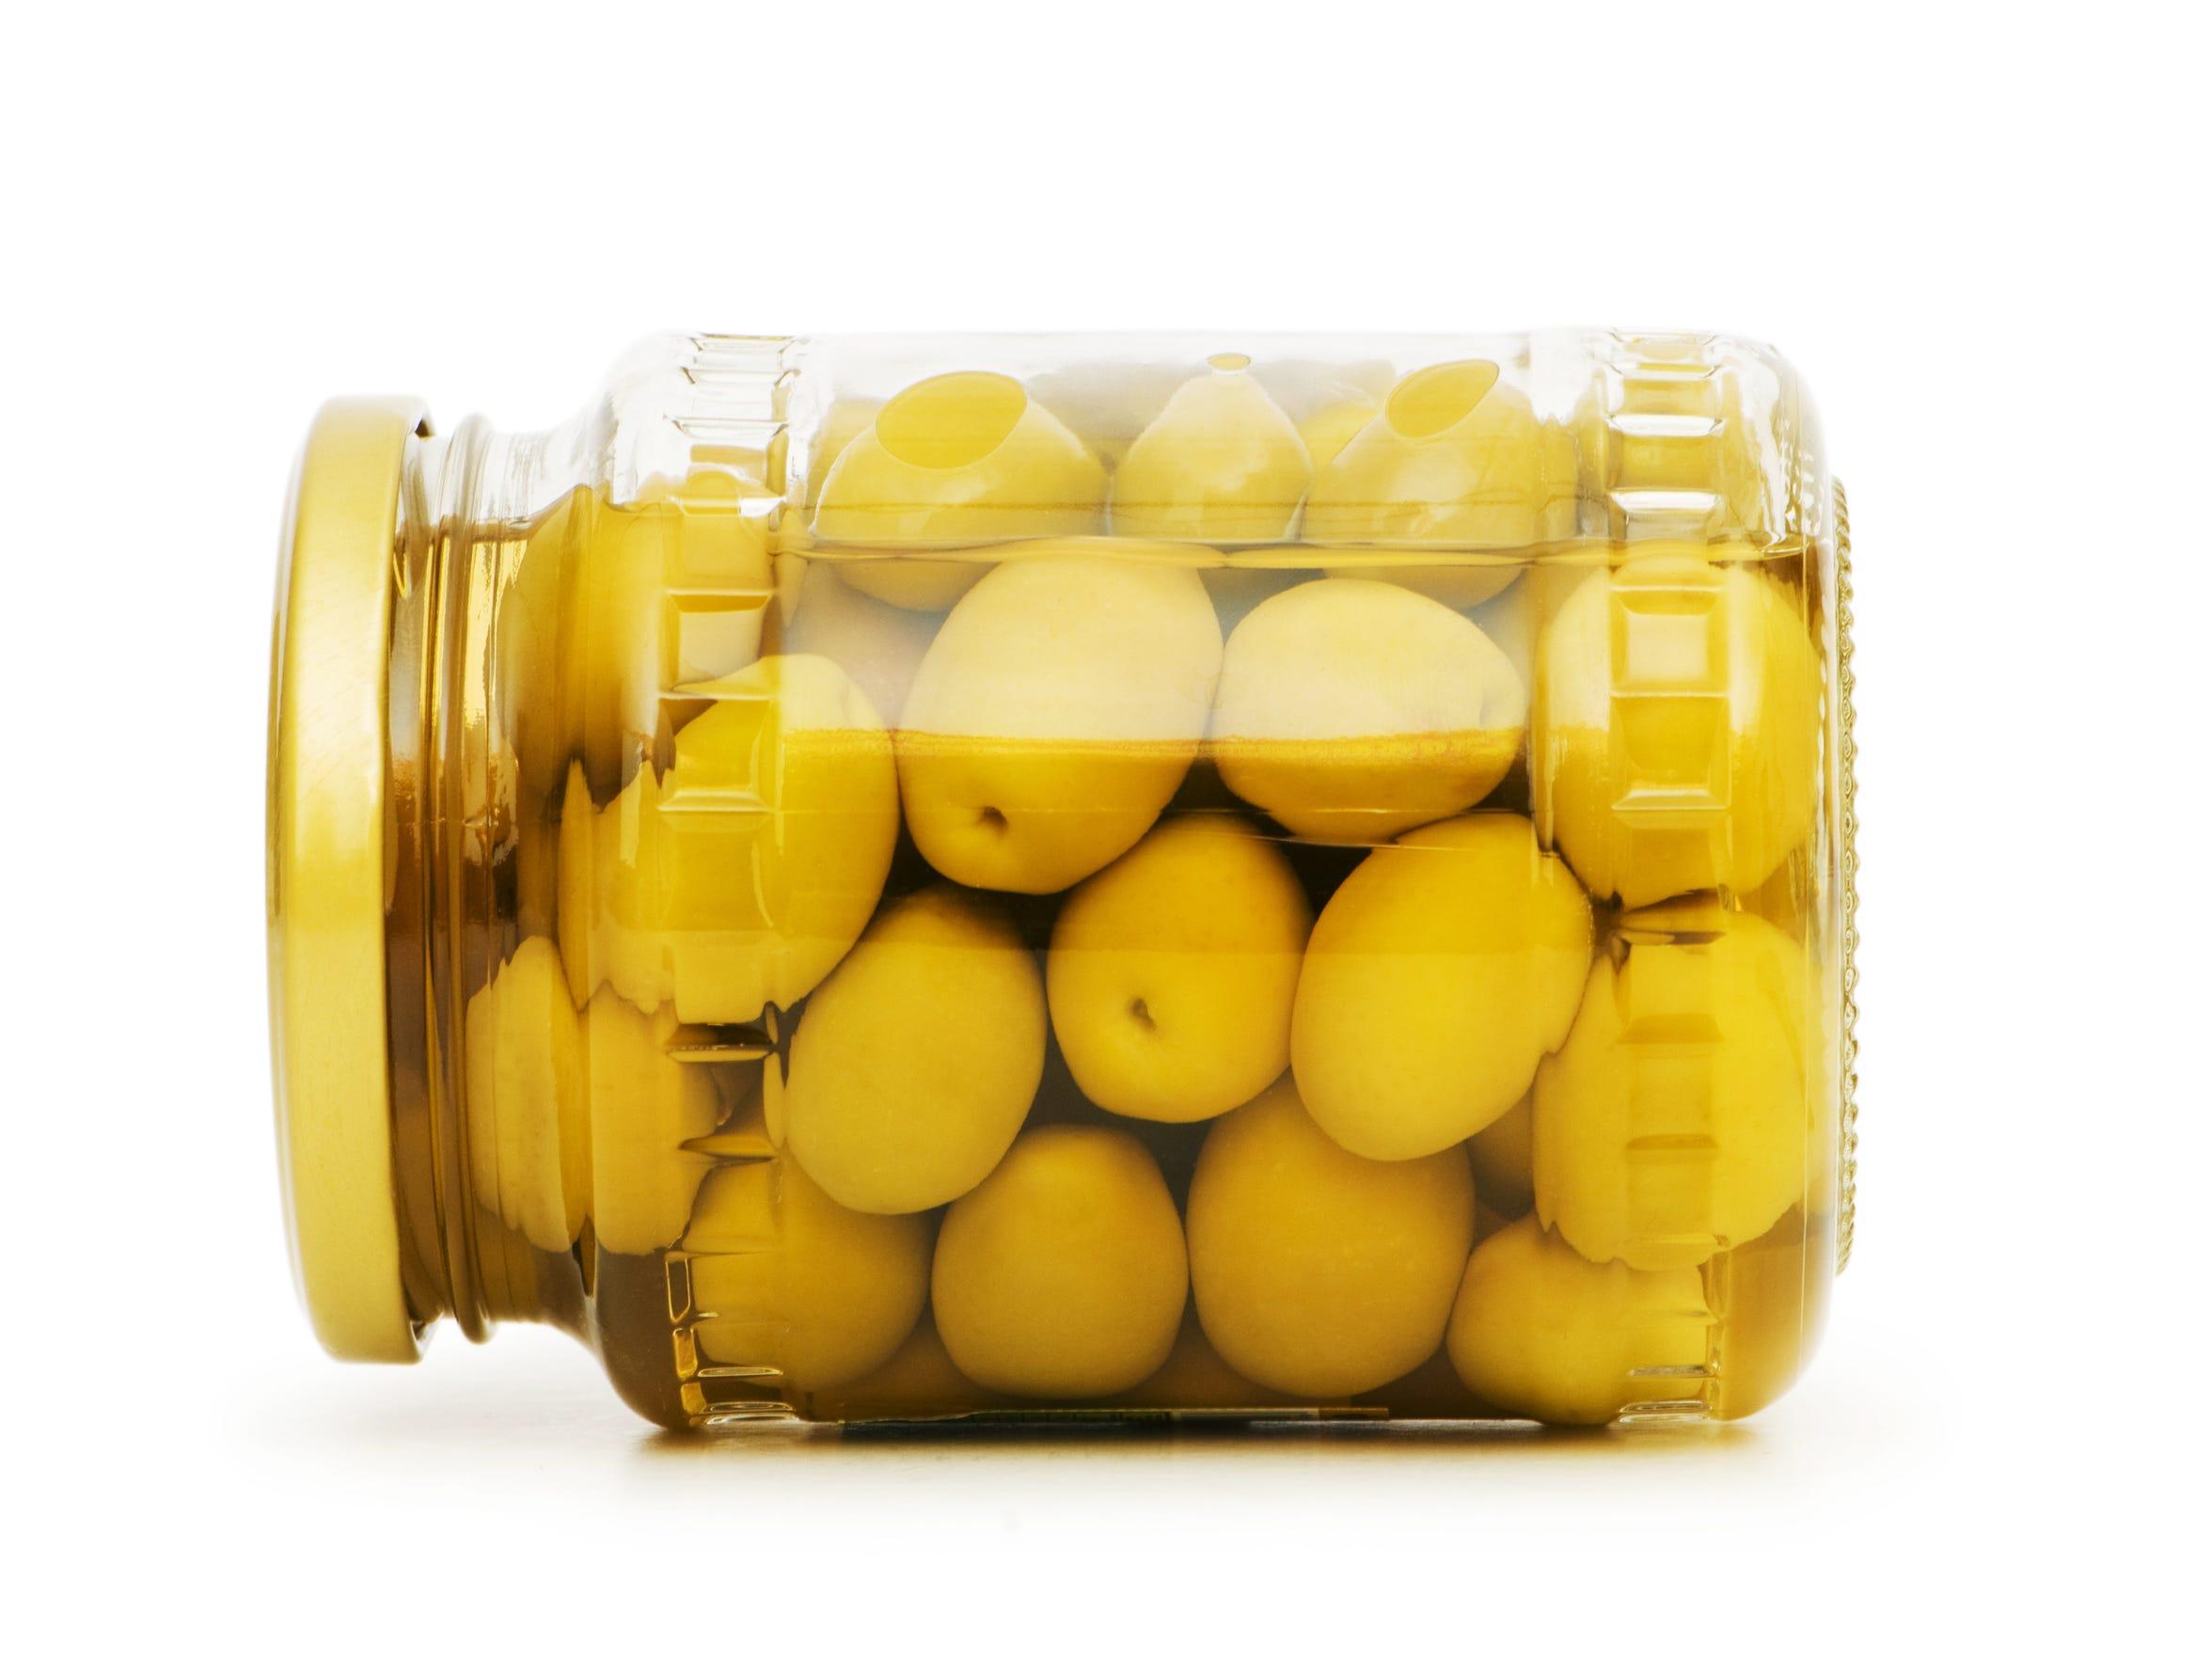 Pickled olives in glass jar.